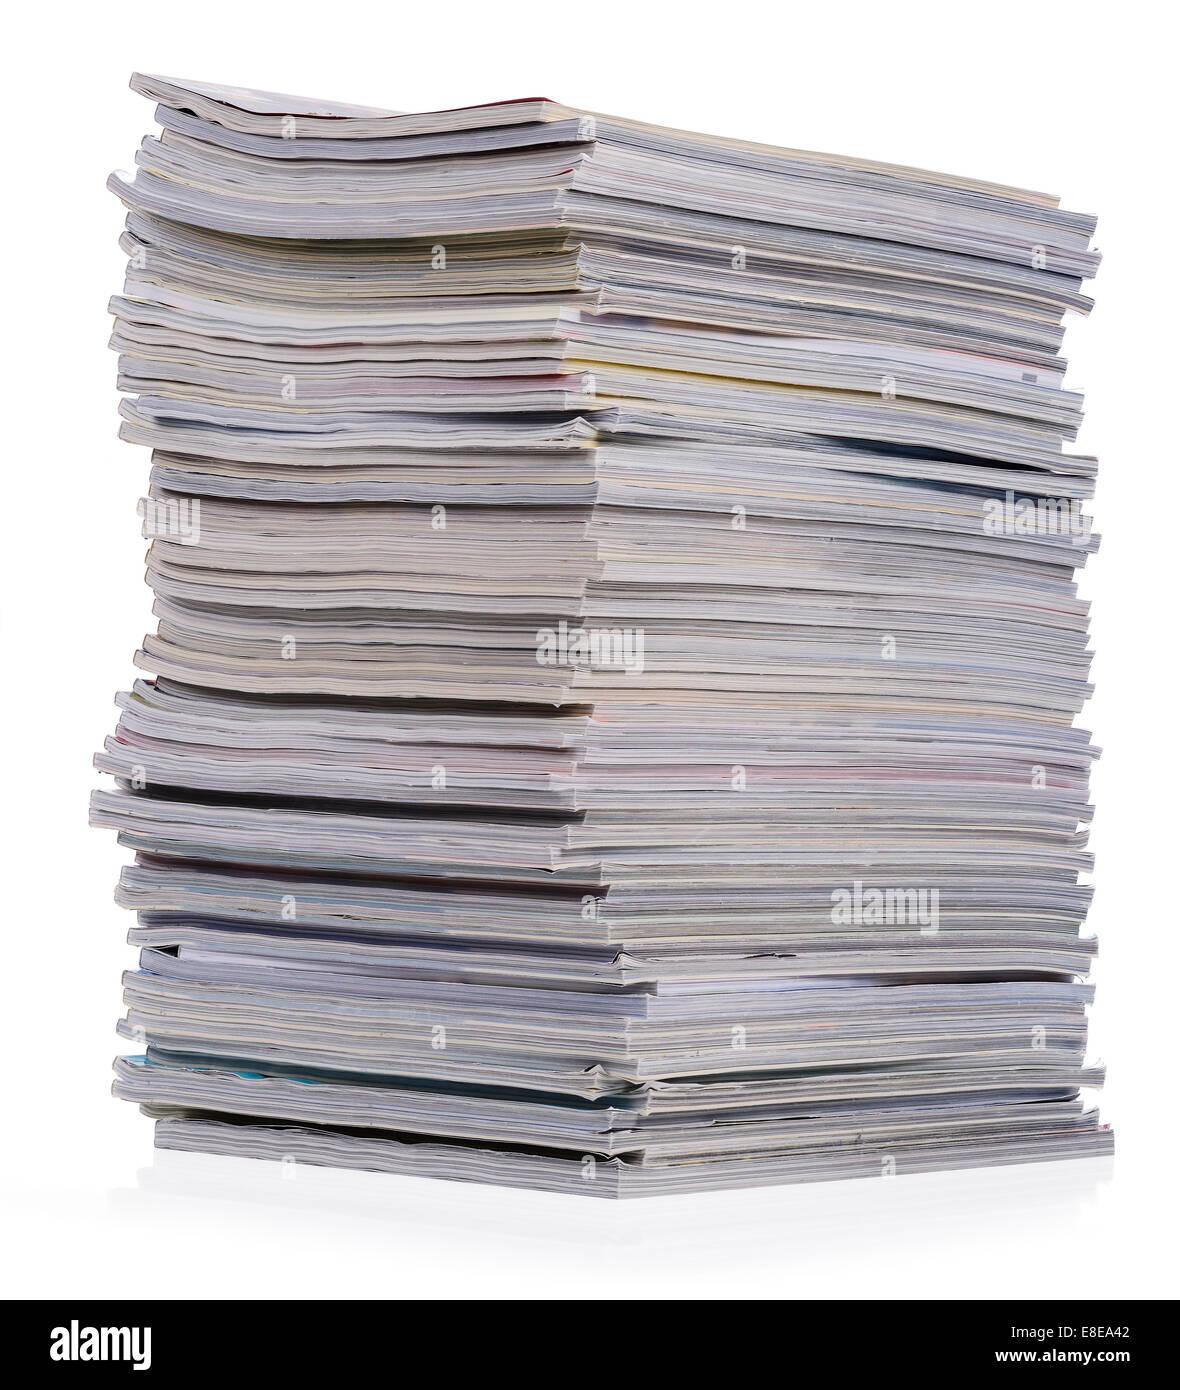 Big pile of magazines - Stock Image